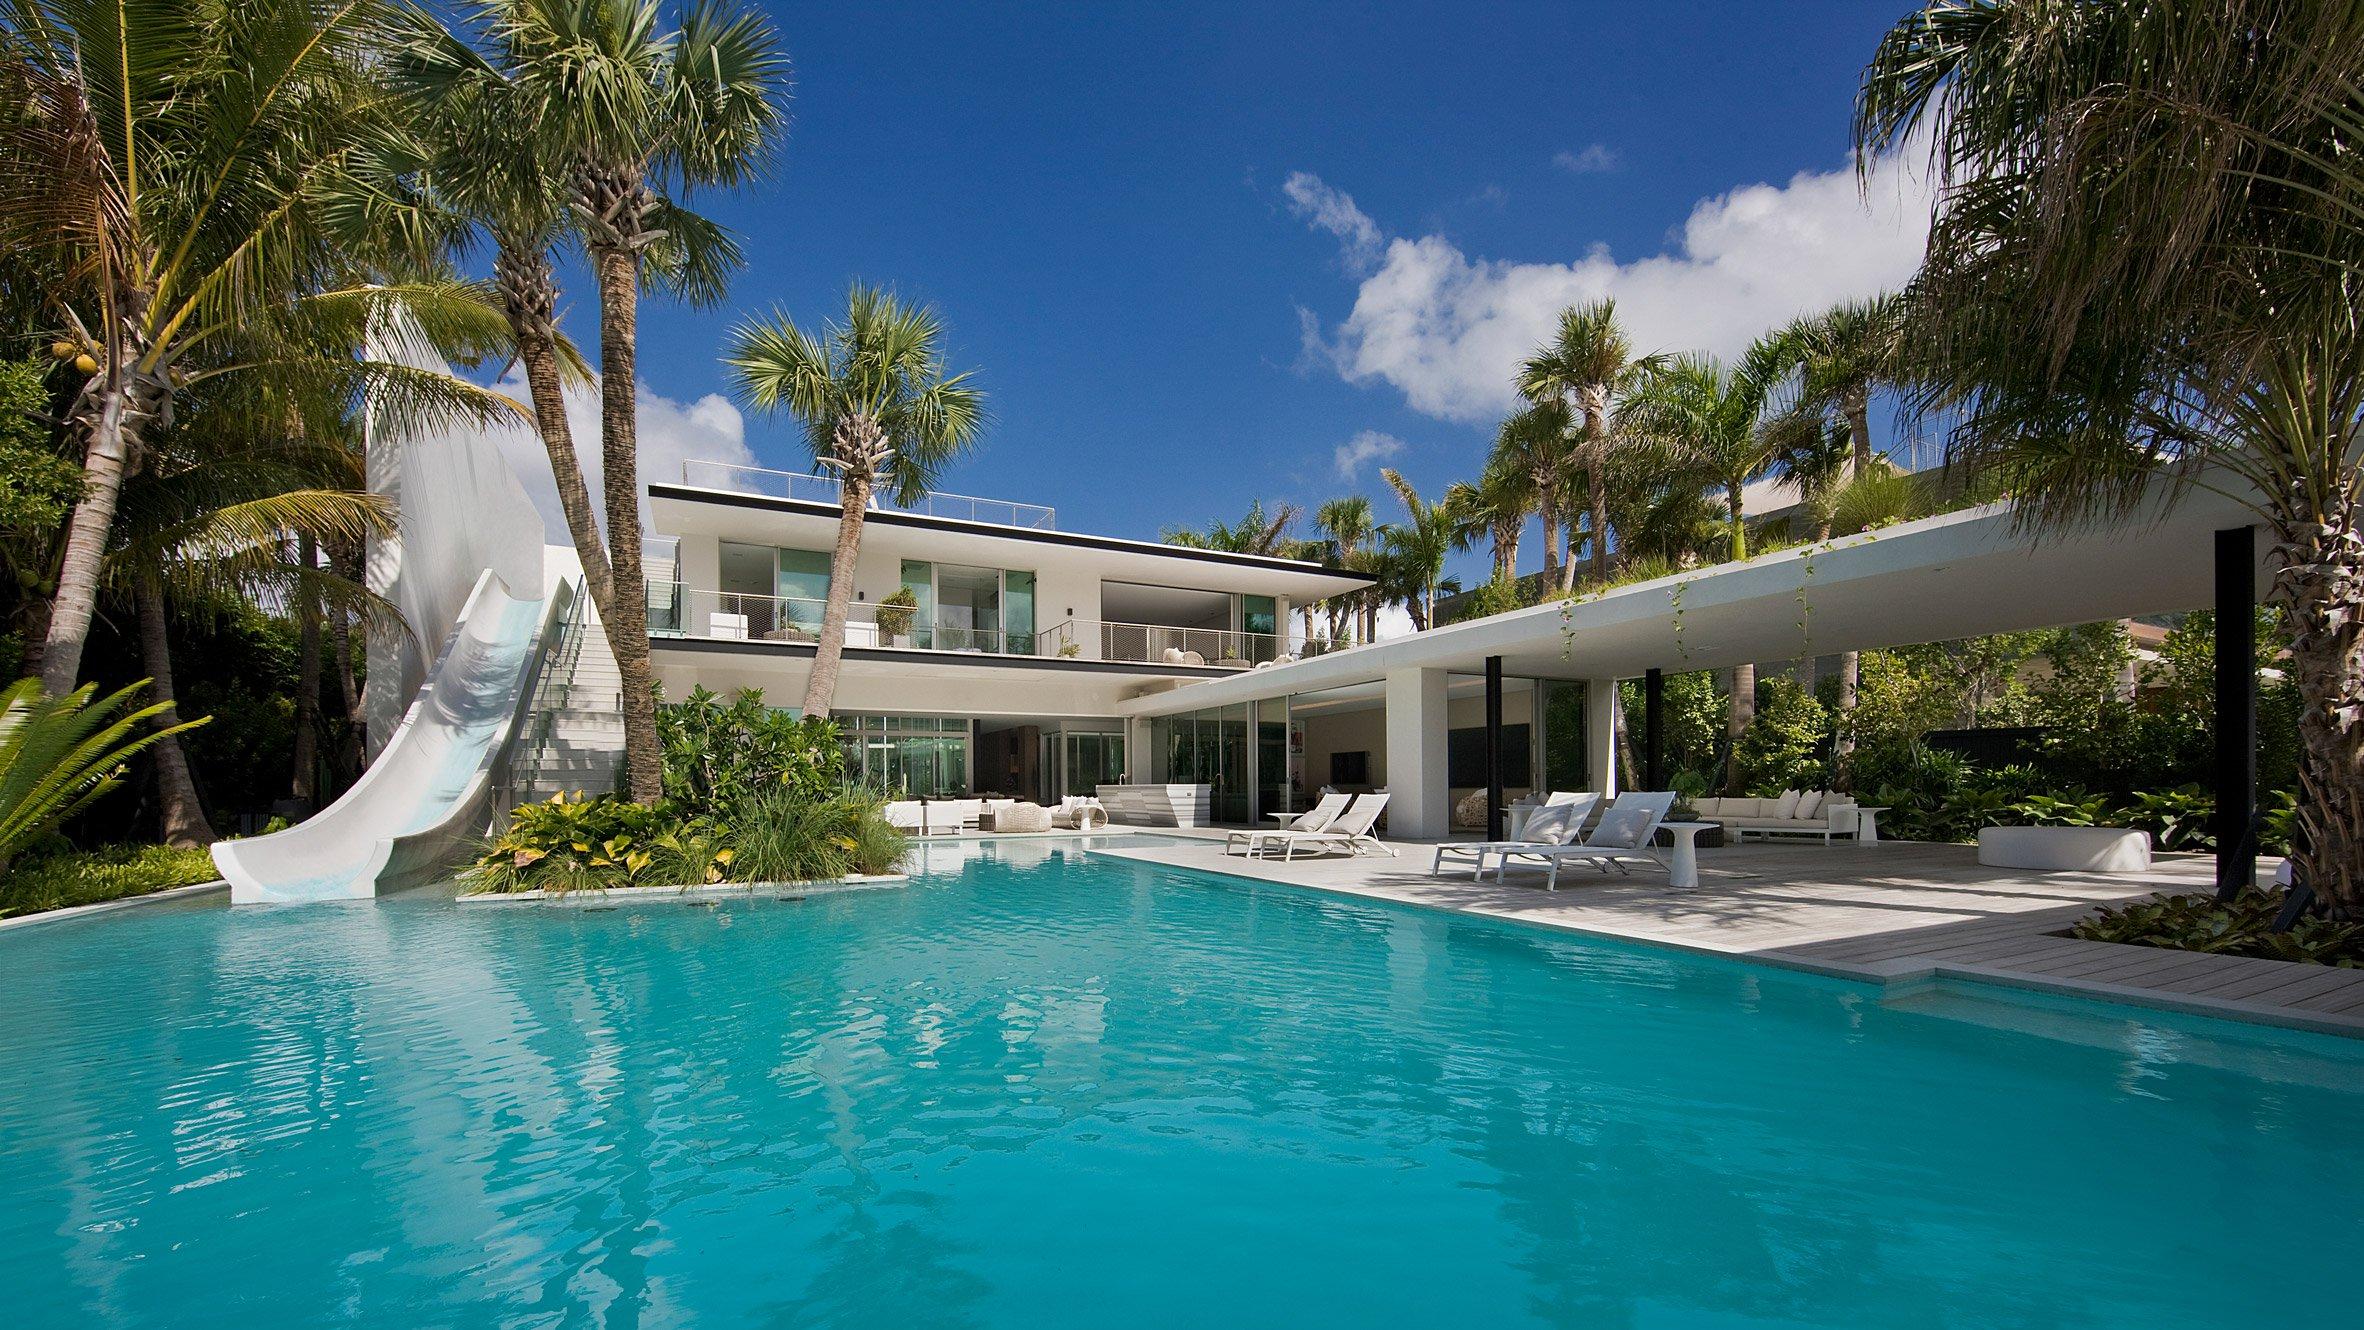 Casas de ensue o una mansi n exclusiva rodeada de for Casa vivienda jardin pdf